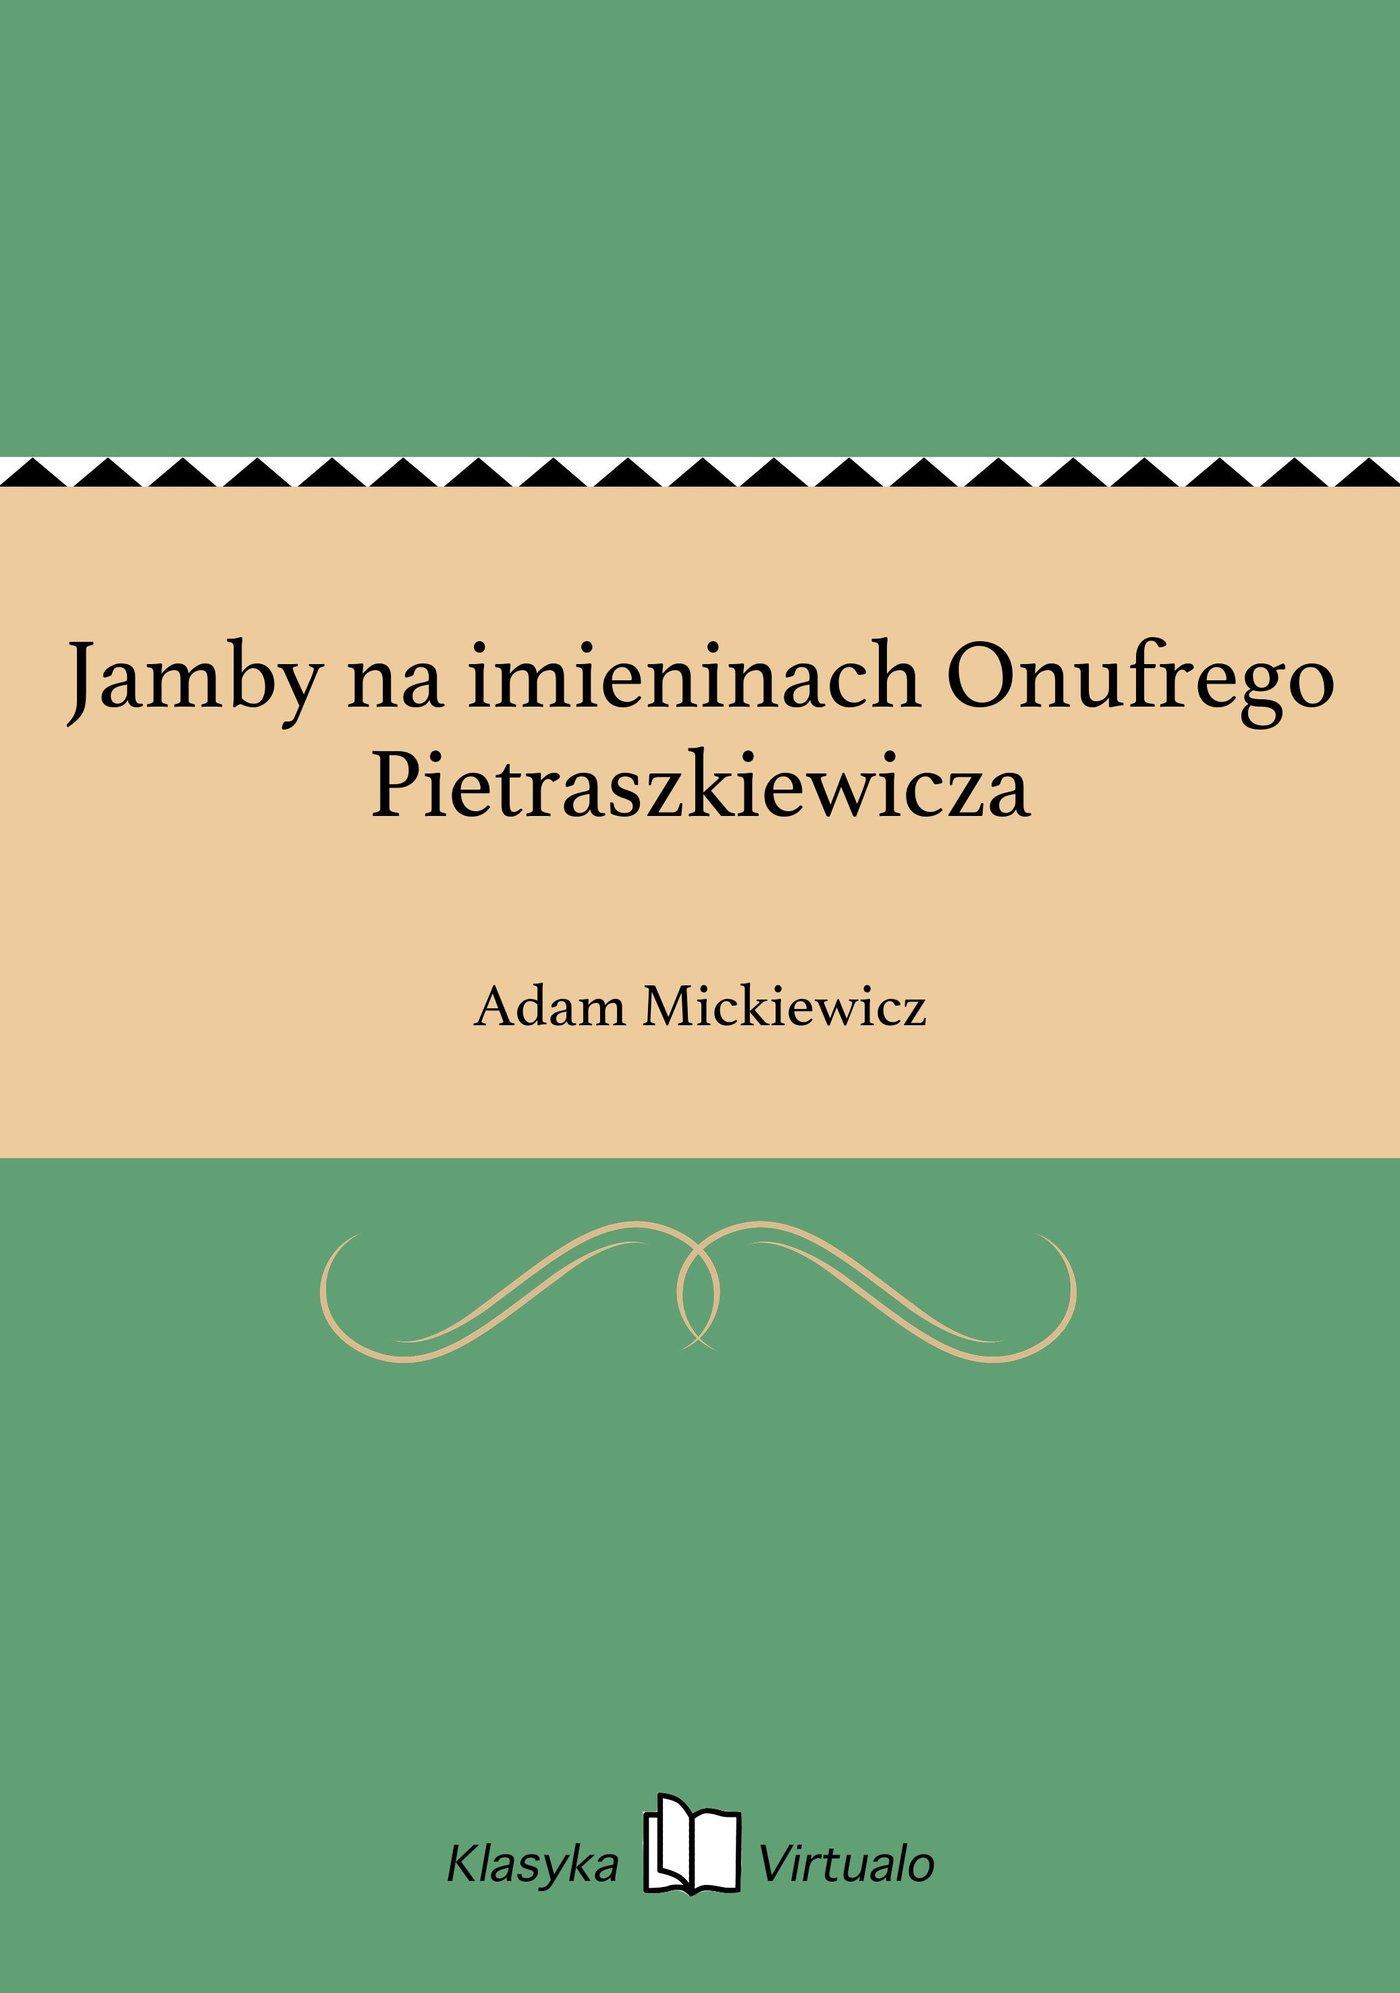 Jamby na imieninach Onufrego Pietraszkiewicza - Ebook (Książka EPUB) do pobrania w formacie EPUB